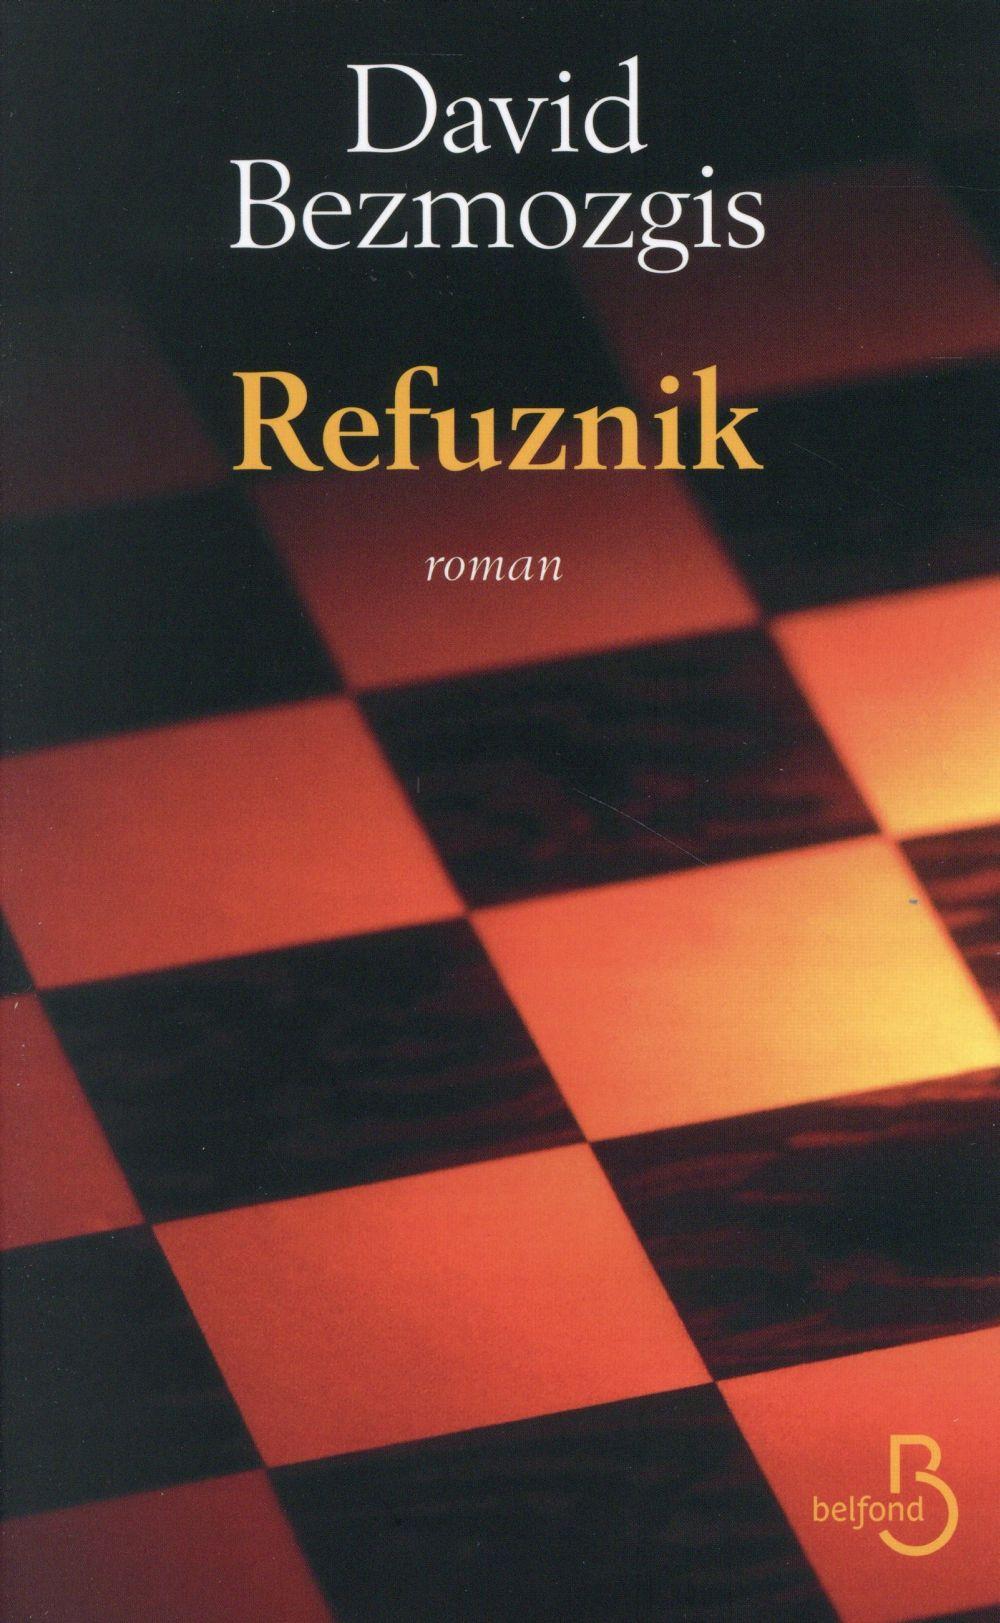 """""""Refuznik"""" de David Bezmozgis - la chronique #18 du Club des Explorateurs"""